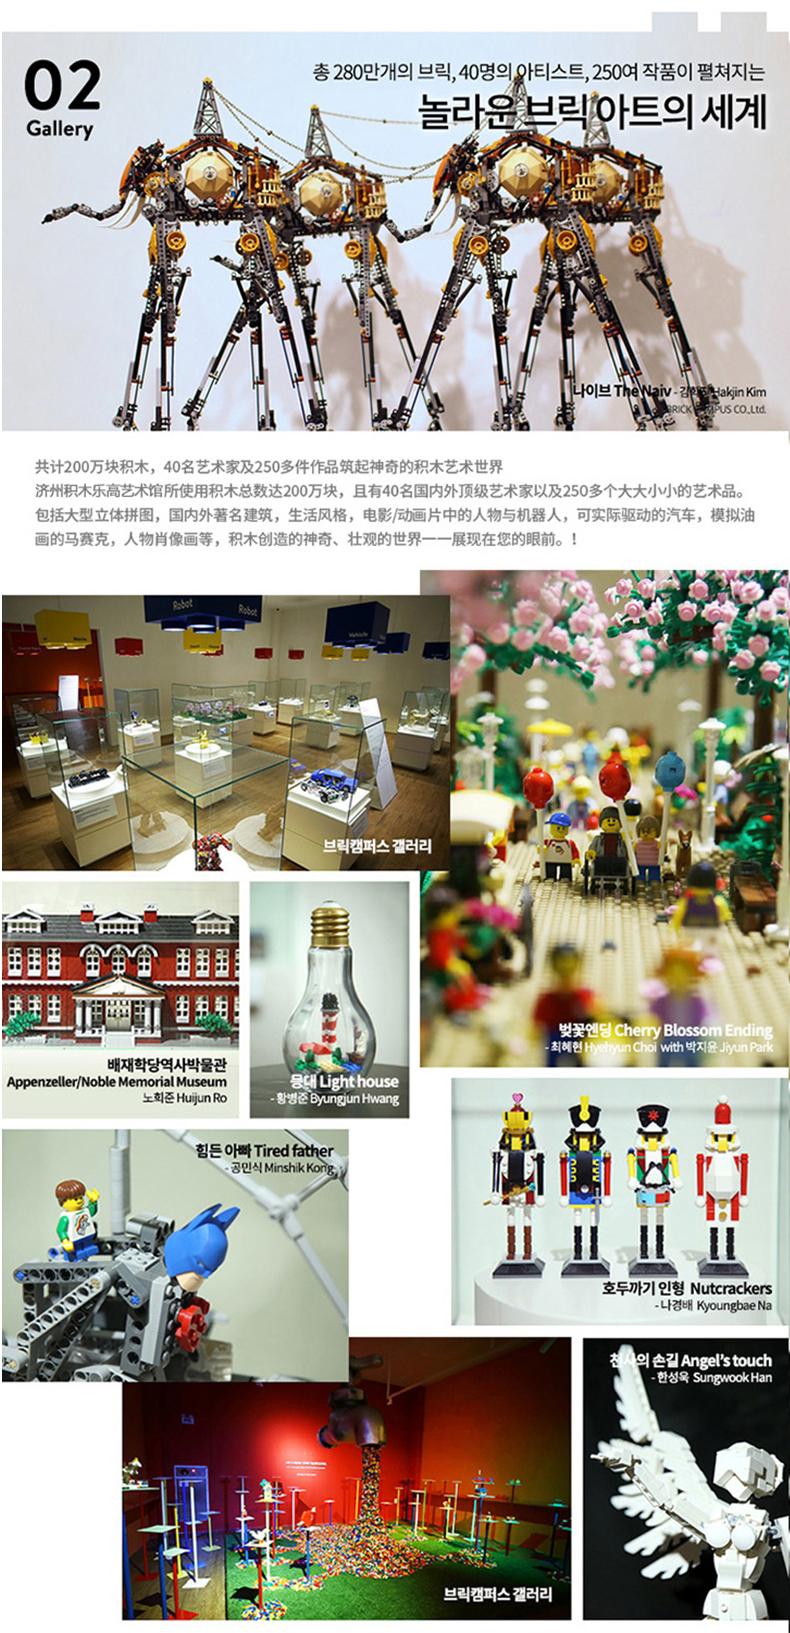 济州积木乐高艺术博物馆-详情页_07.jpg